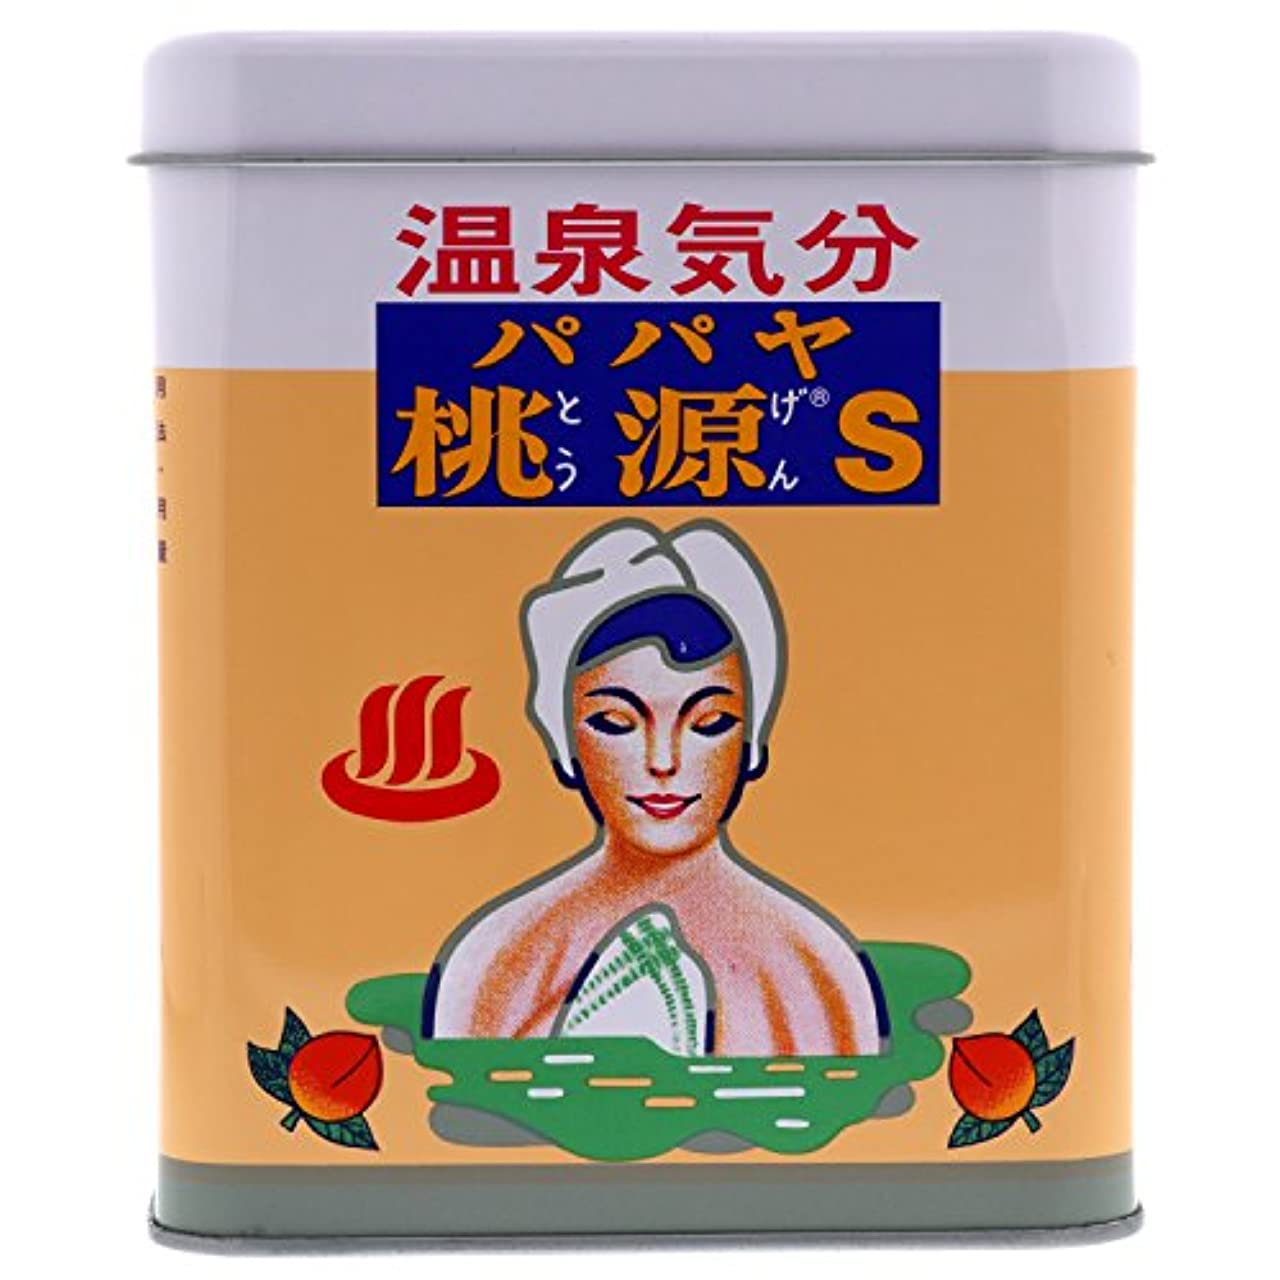 ボランティアペインティング休憩パパヤ桃源S 700g 缶 [医薬部外品]